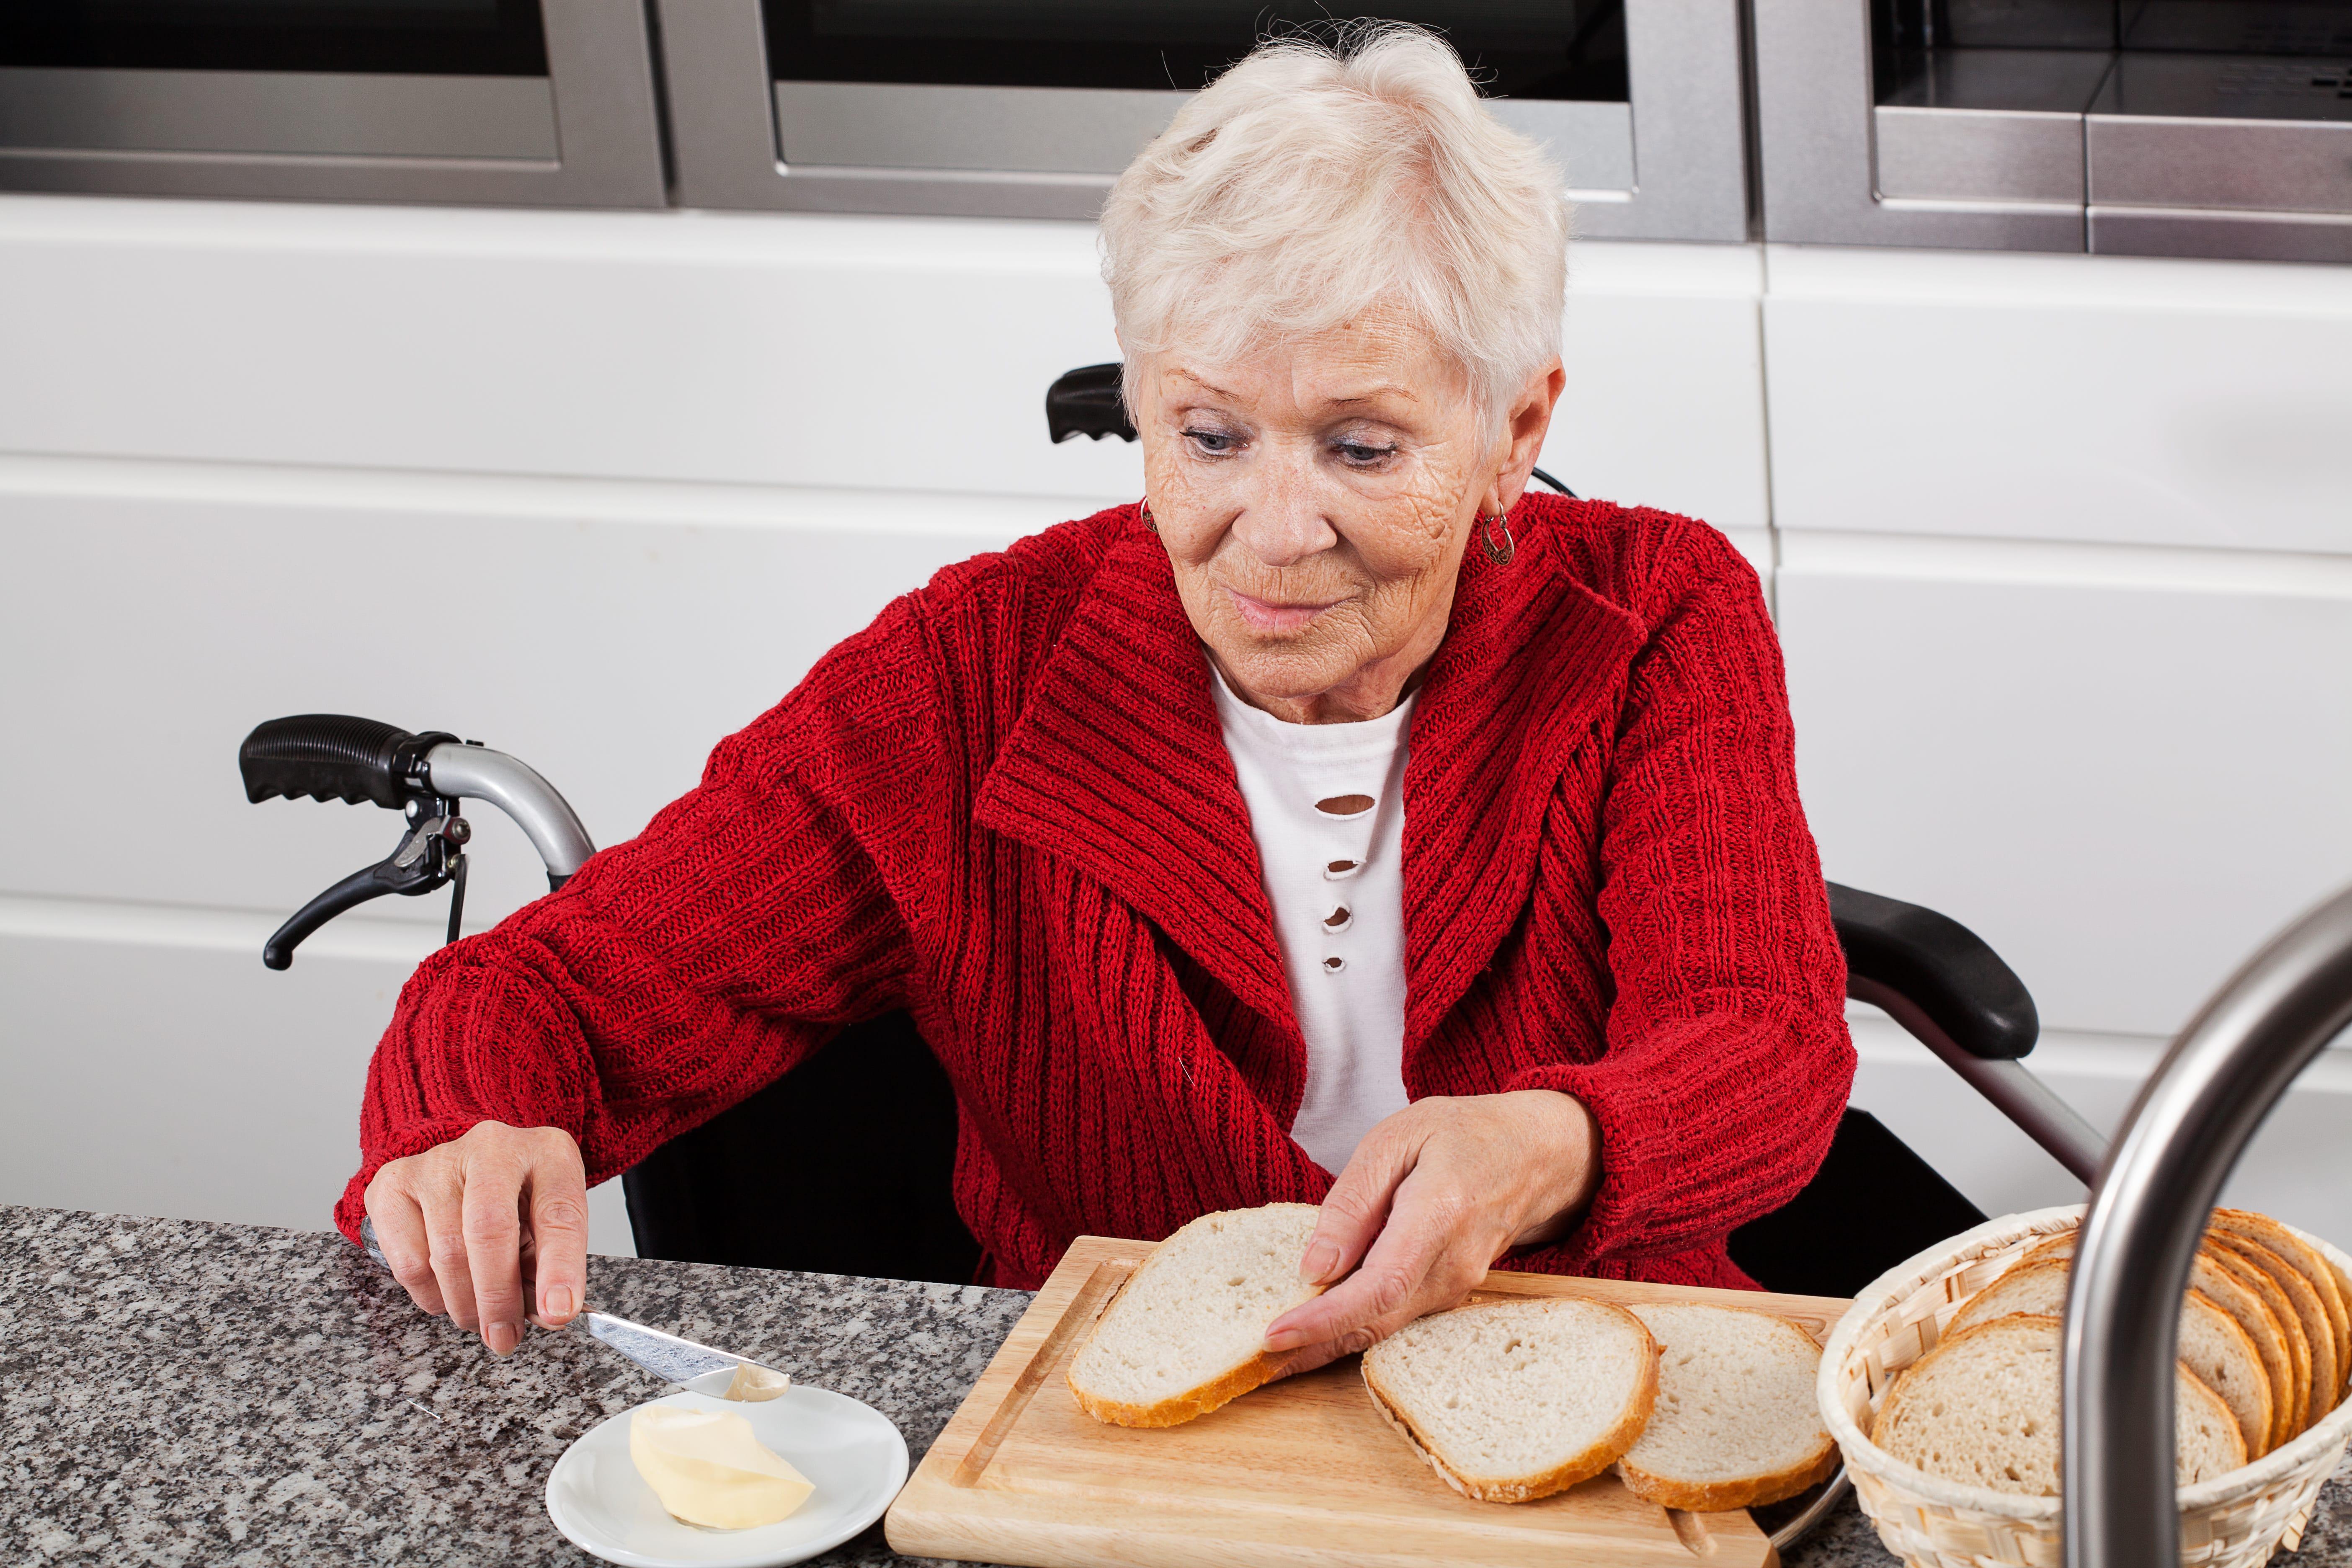 Küche seniorengerecht einrichten – 5 Tipps für barrierefreies Kochen